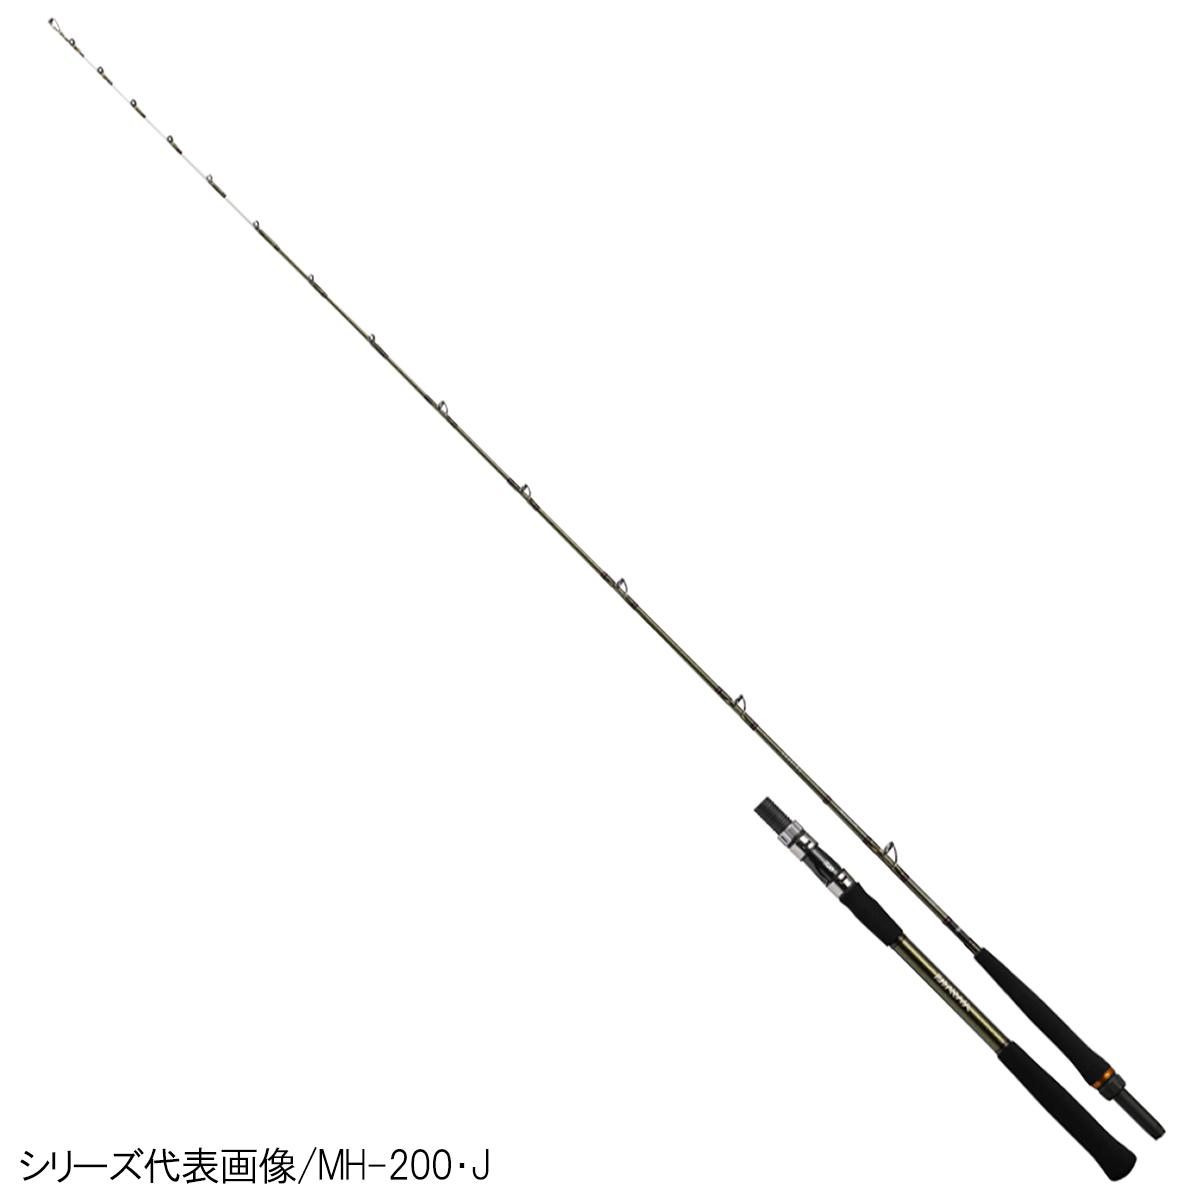 ダイワ リーディング ネライ HH-200・J【大型商品】(東日本店)